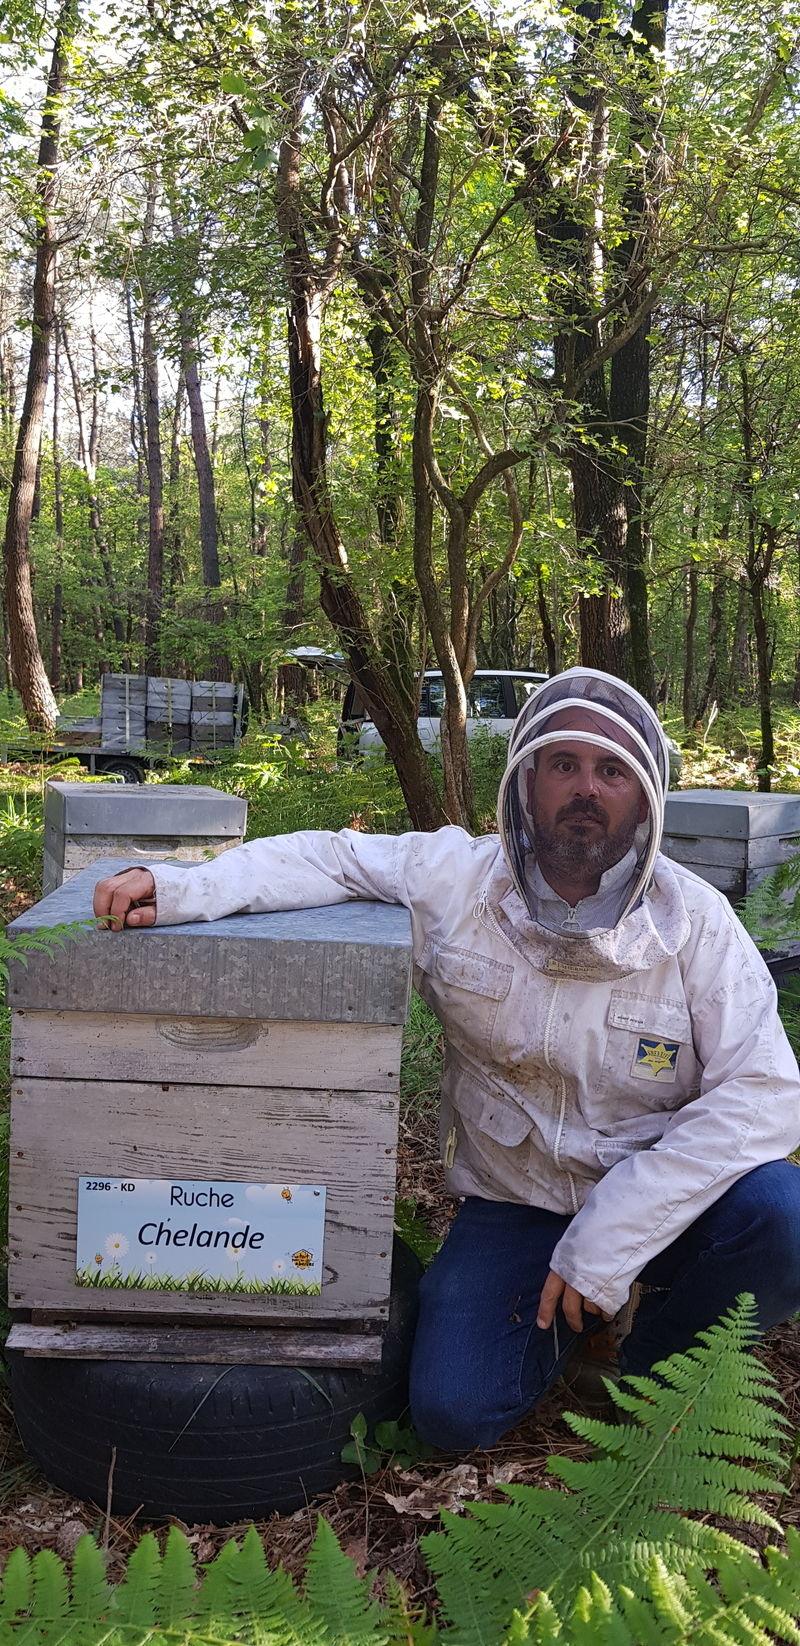 La ruche Chelande